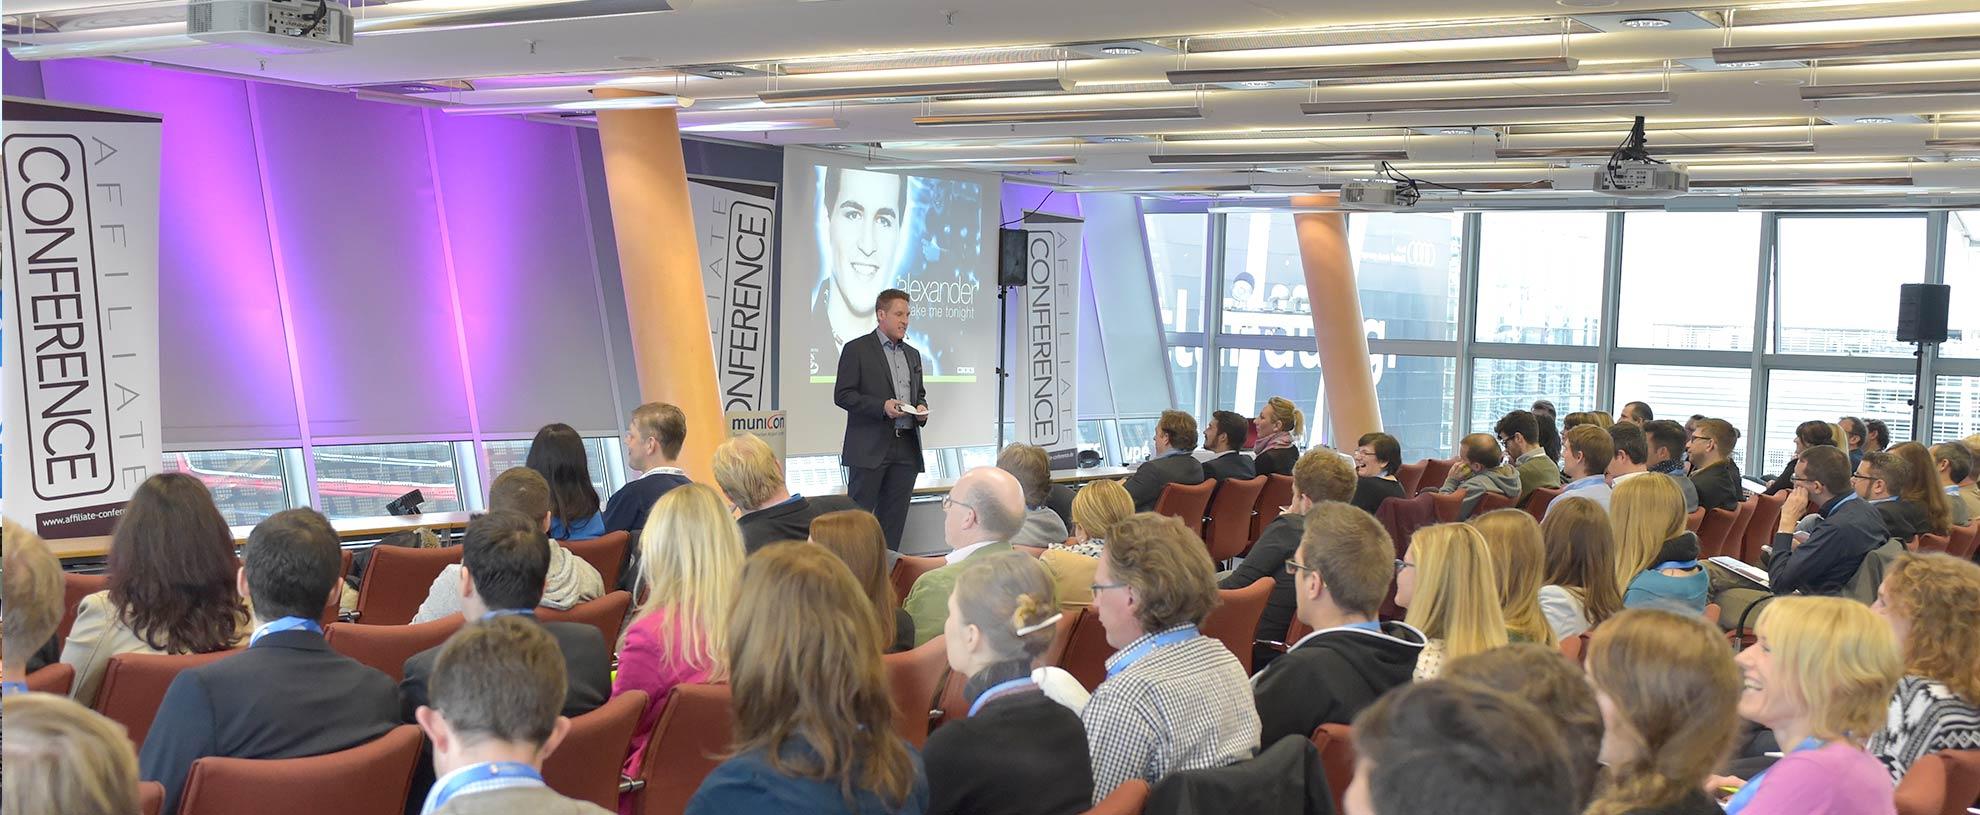 Vortrag auf der Affiliate Conference